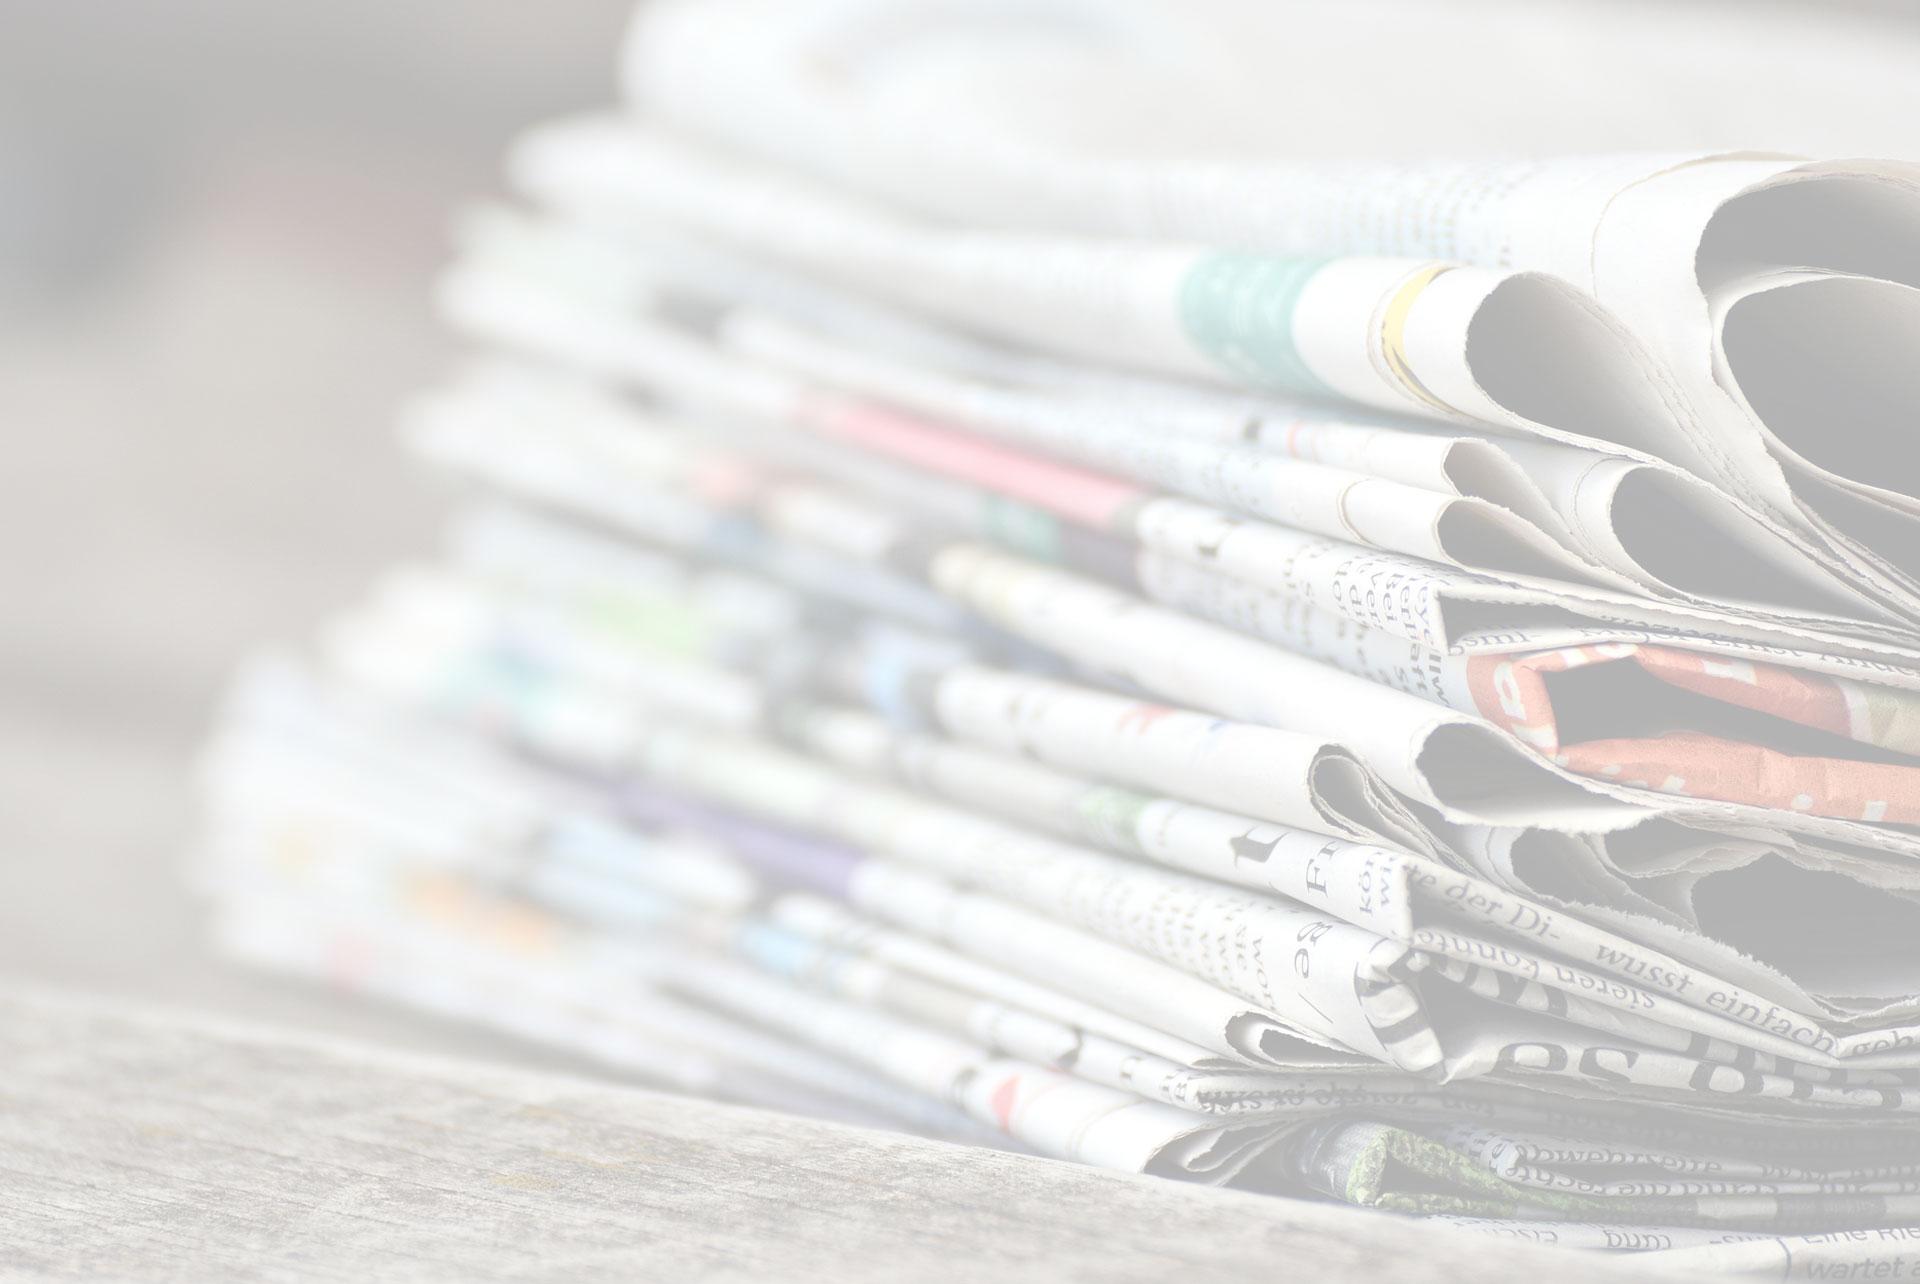 Cartello contro Salvini